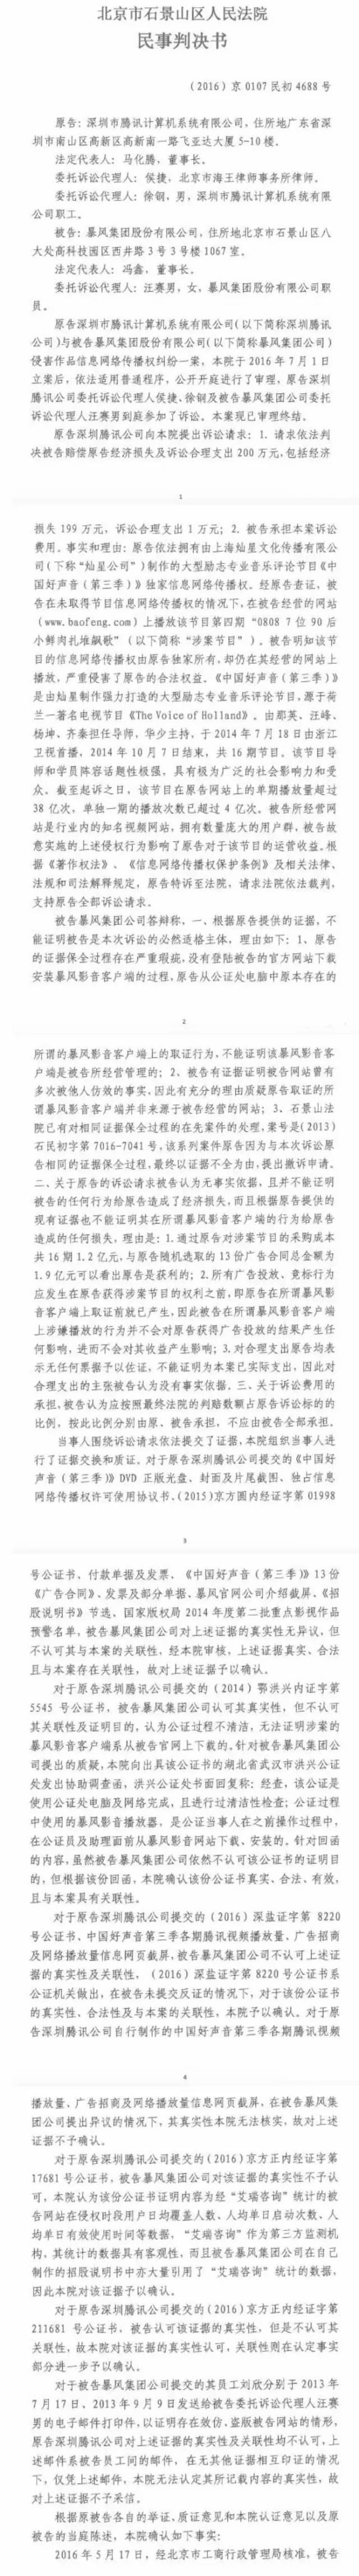 暴风公司盗版《好声音》被判赔606万元(附判决书)